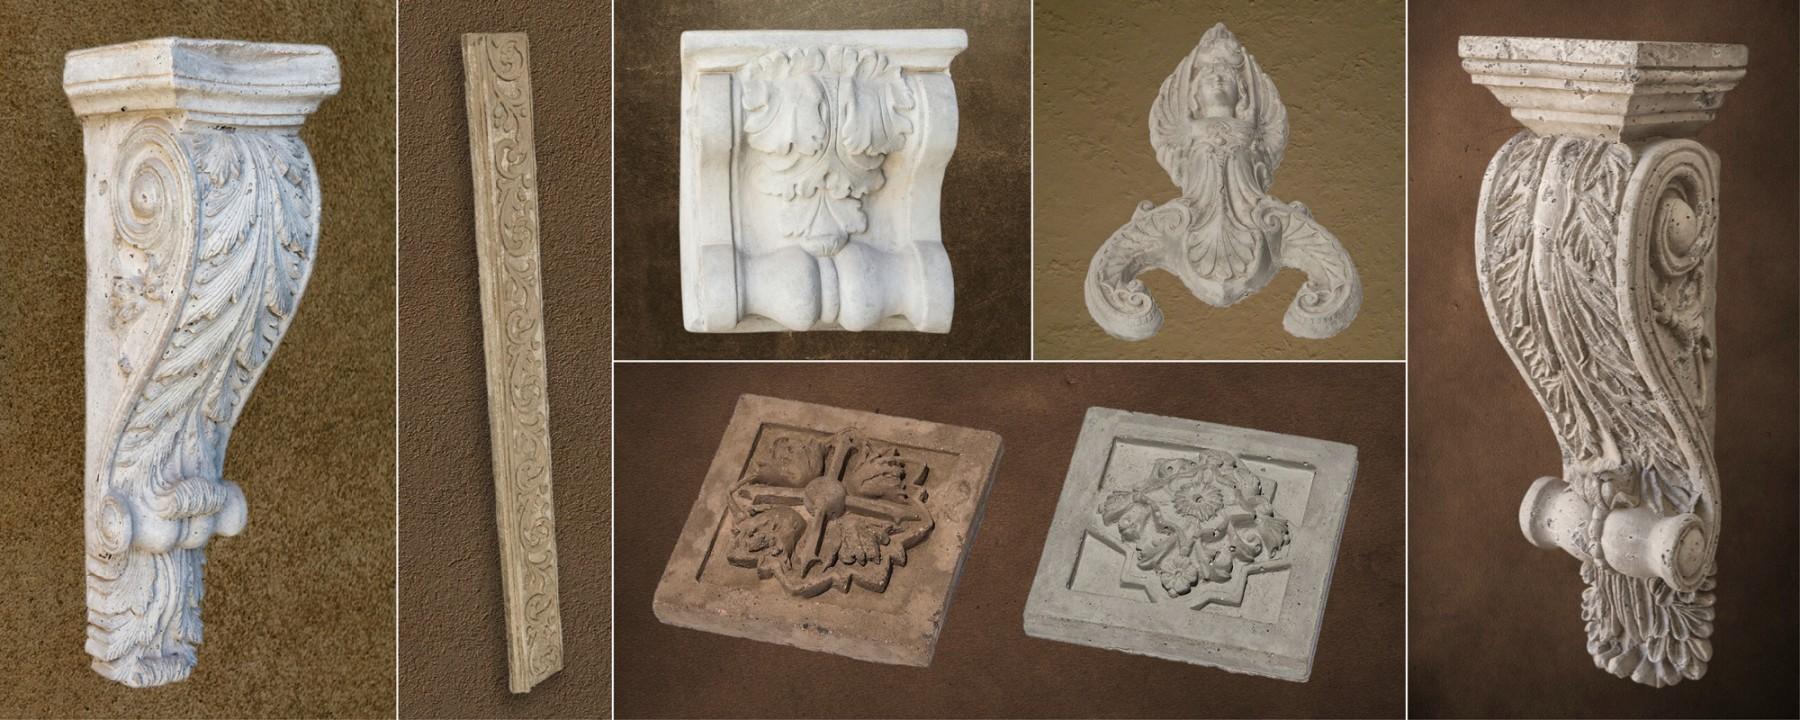 Mesa Precast | Architectural Precast, GFRC Products | Corbels, Architectural Trim, Ornamentals